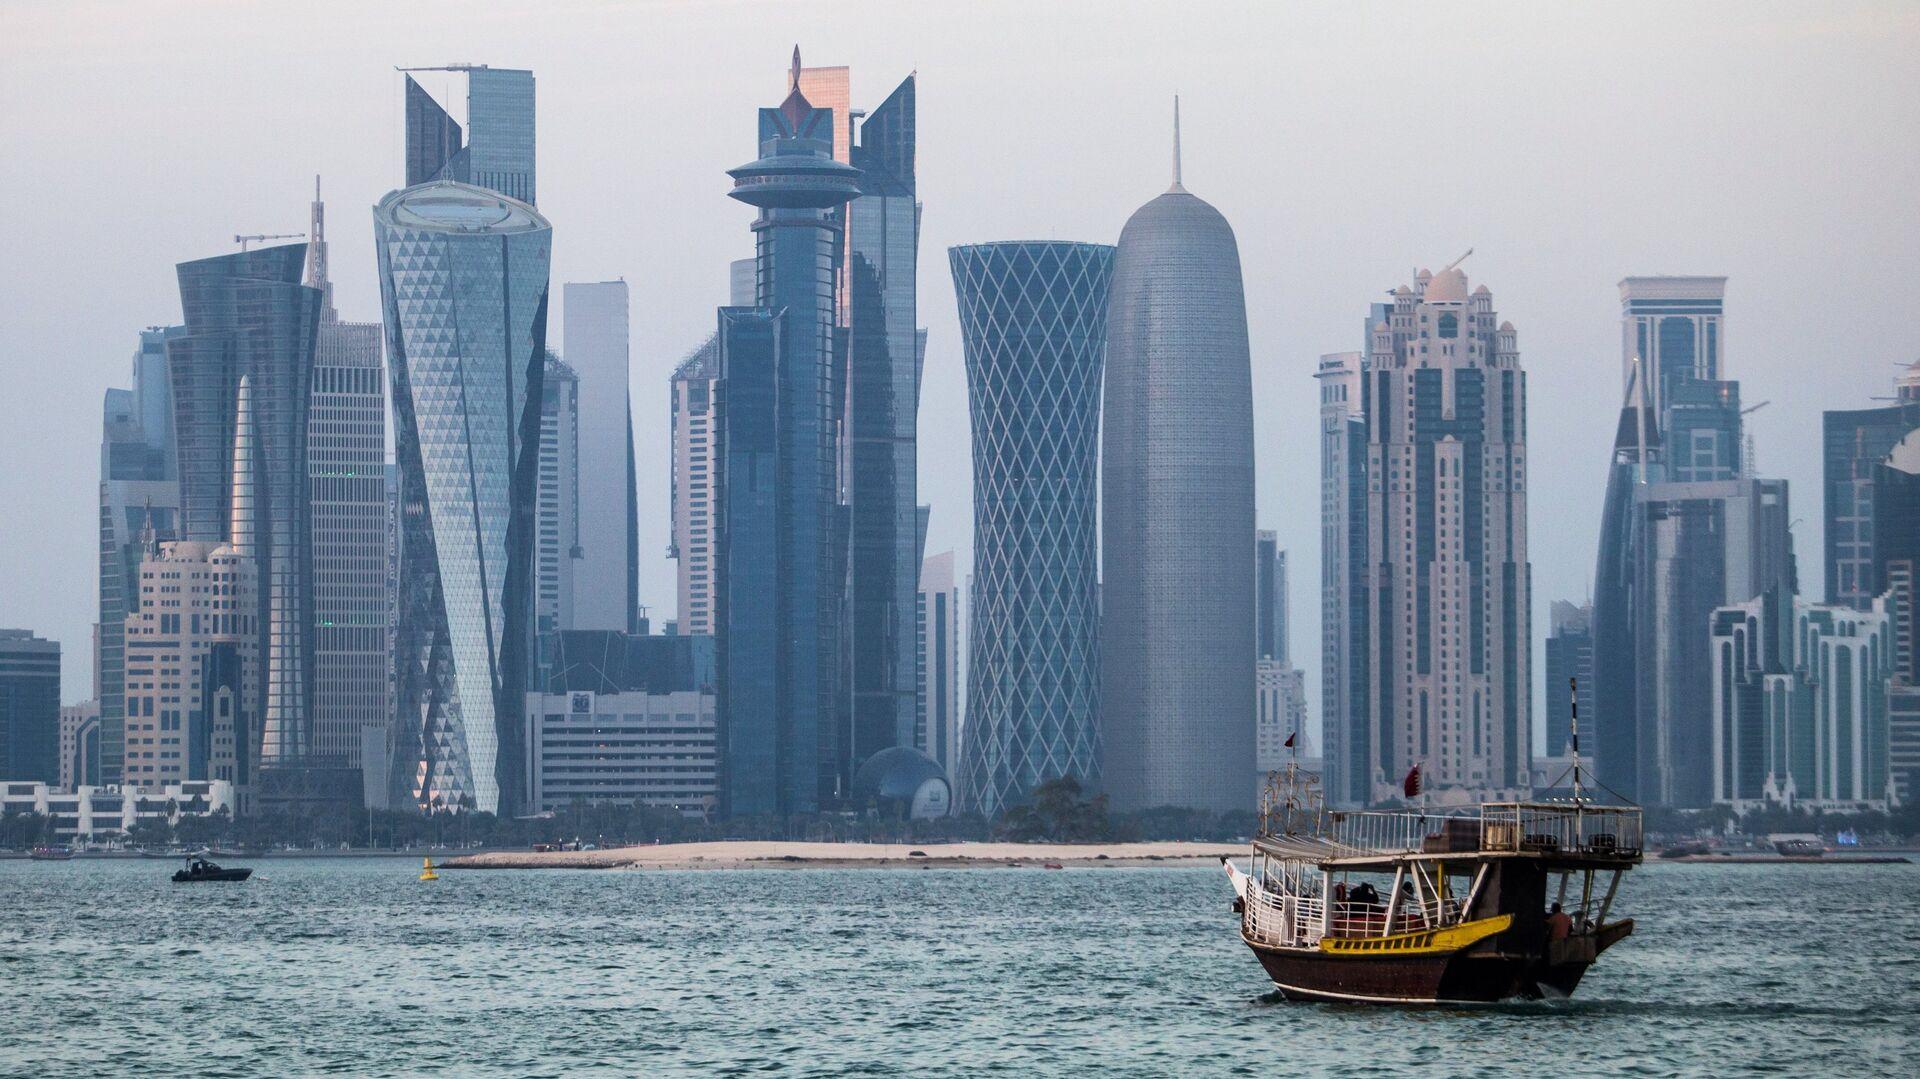 Район Вест-Бэй города Доха, Катар - РИА Новости, 1920, 12.01.2021